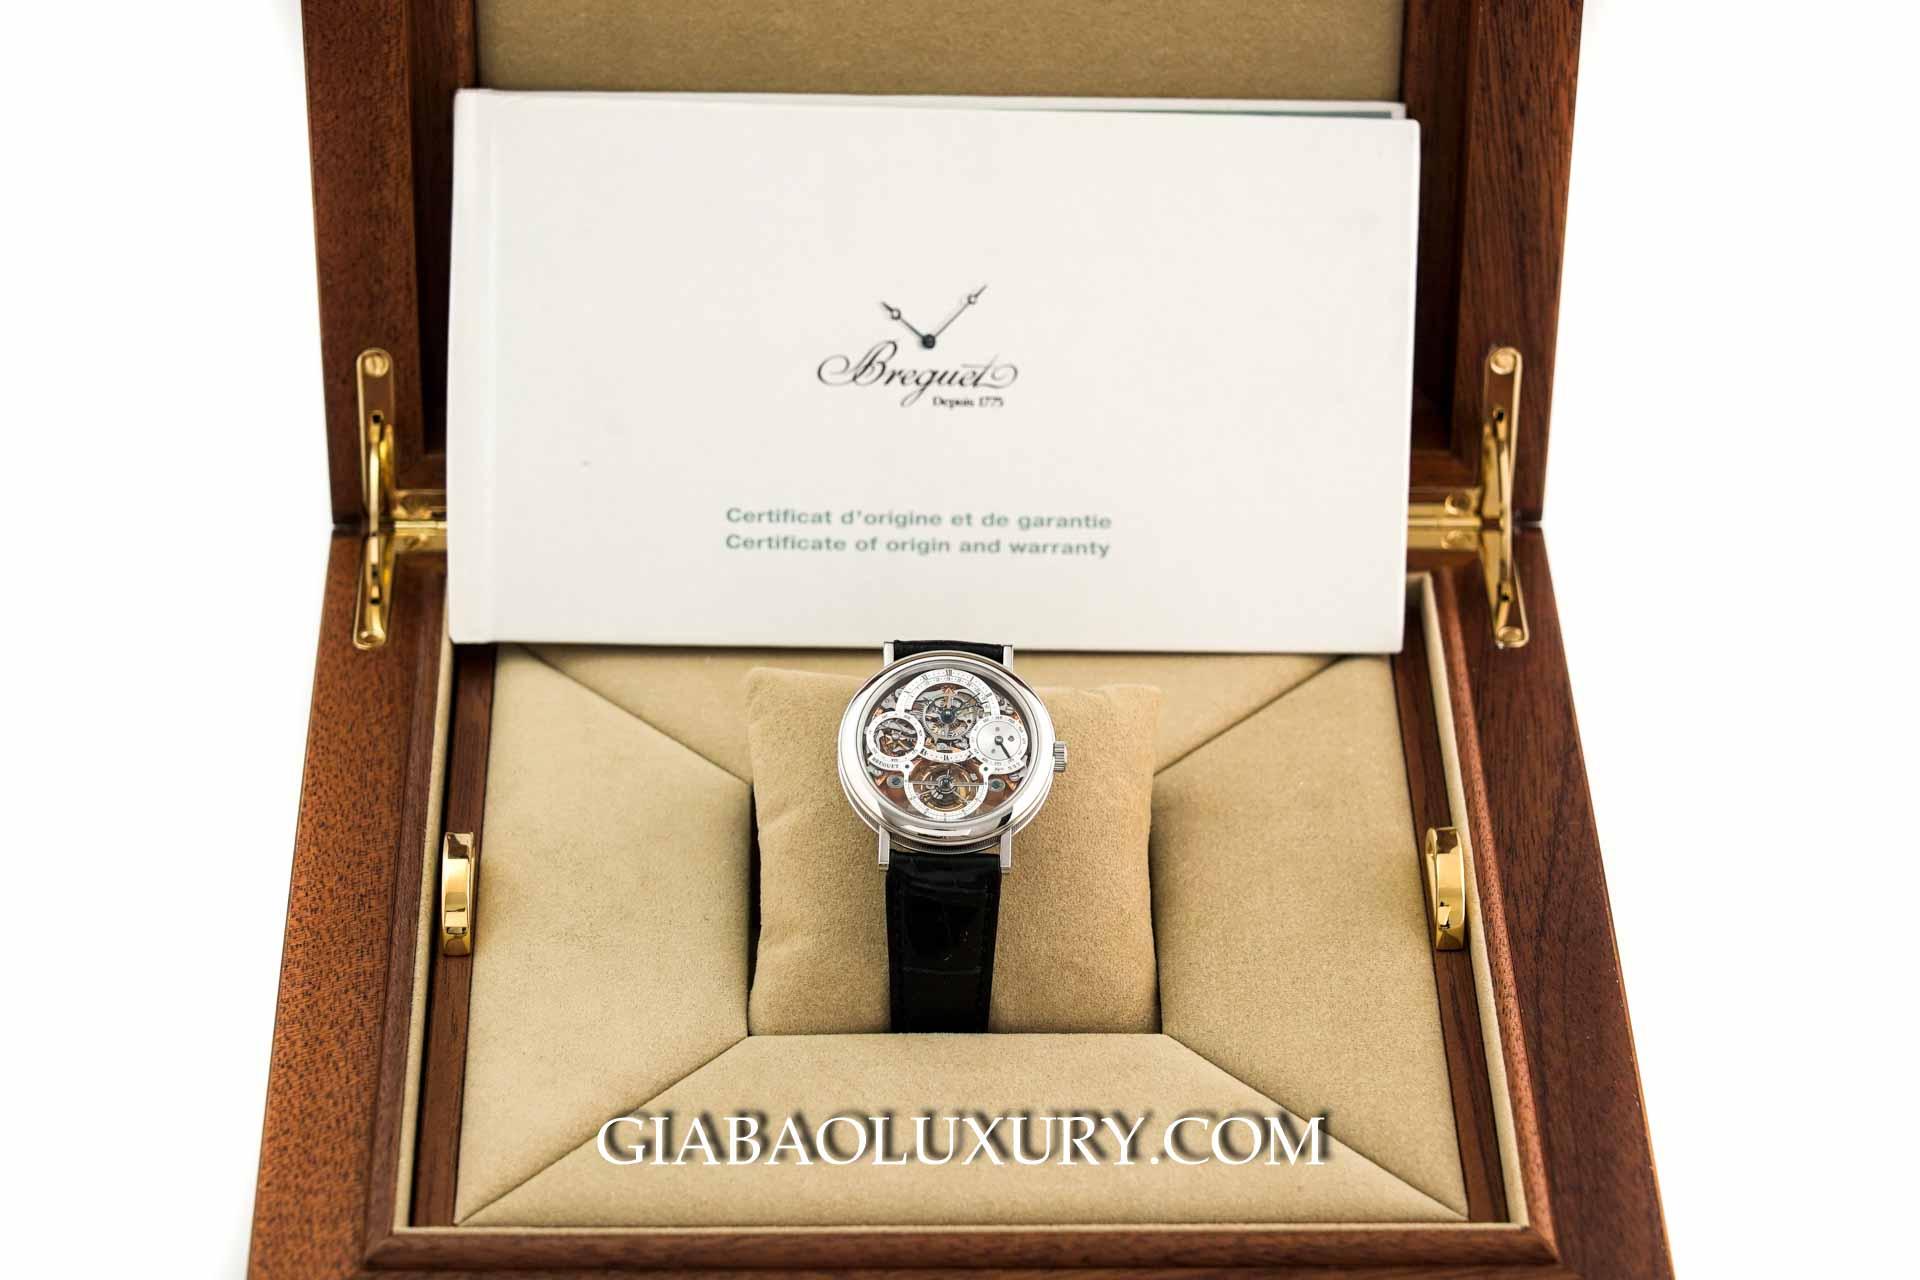 Thu mua đồng hồ Breguet chính hãng tại Gia Bảo Luxury